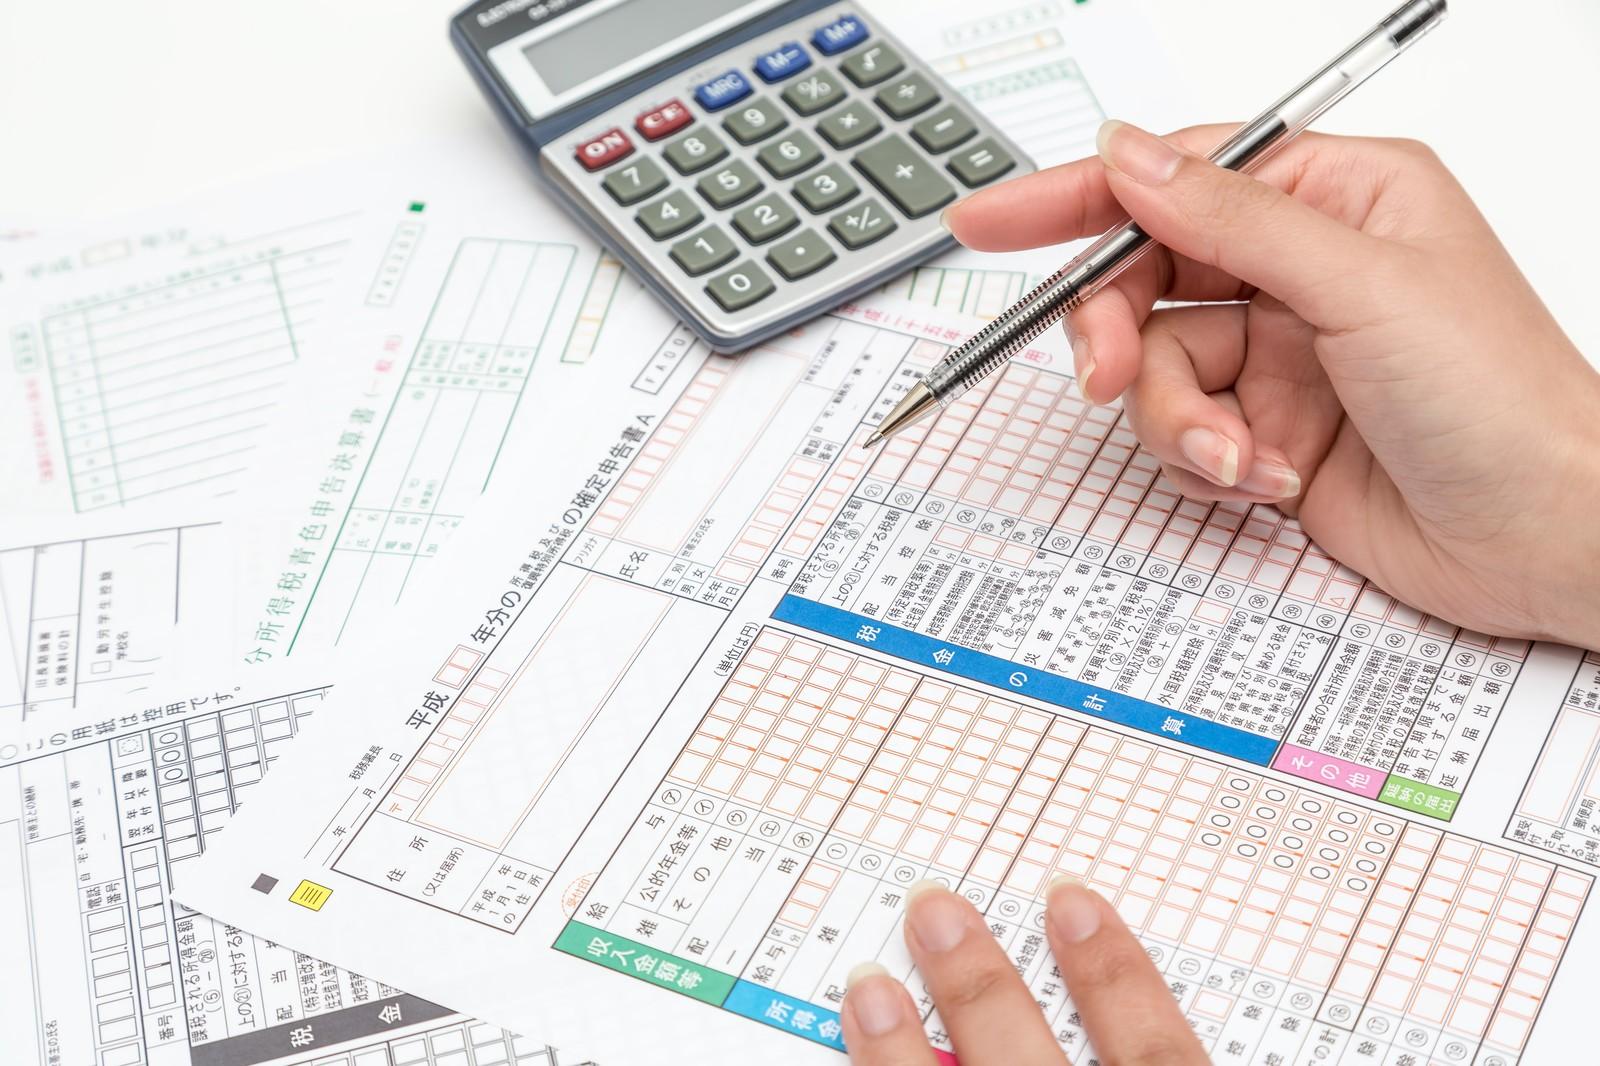 自営業の節税にはどんな対策がある?知っておくと得する方法を教えます